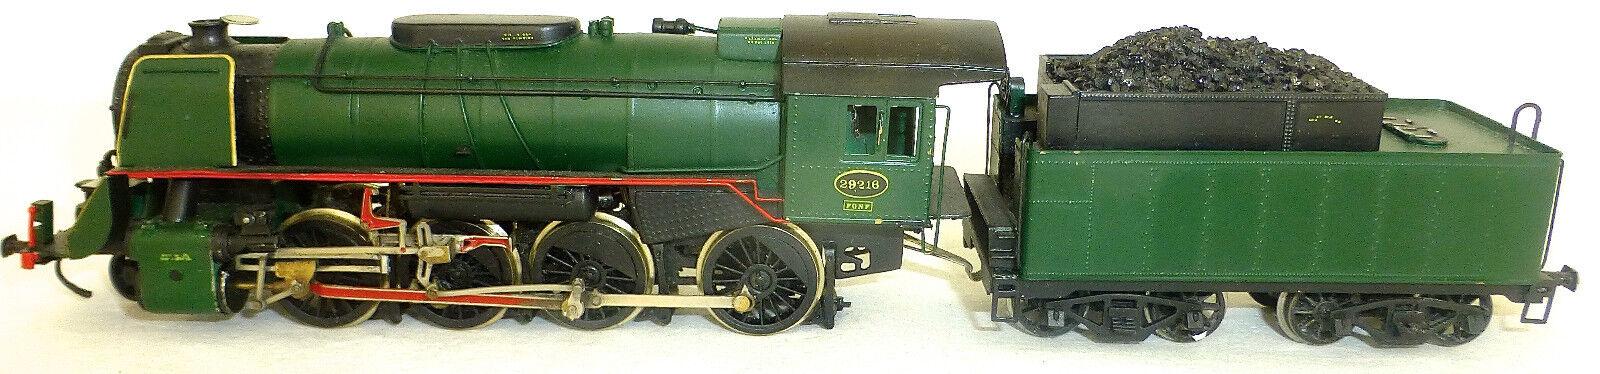 29.218 Dampflok djh MODELS model loco H0  å